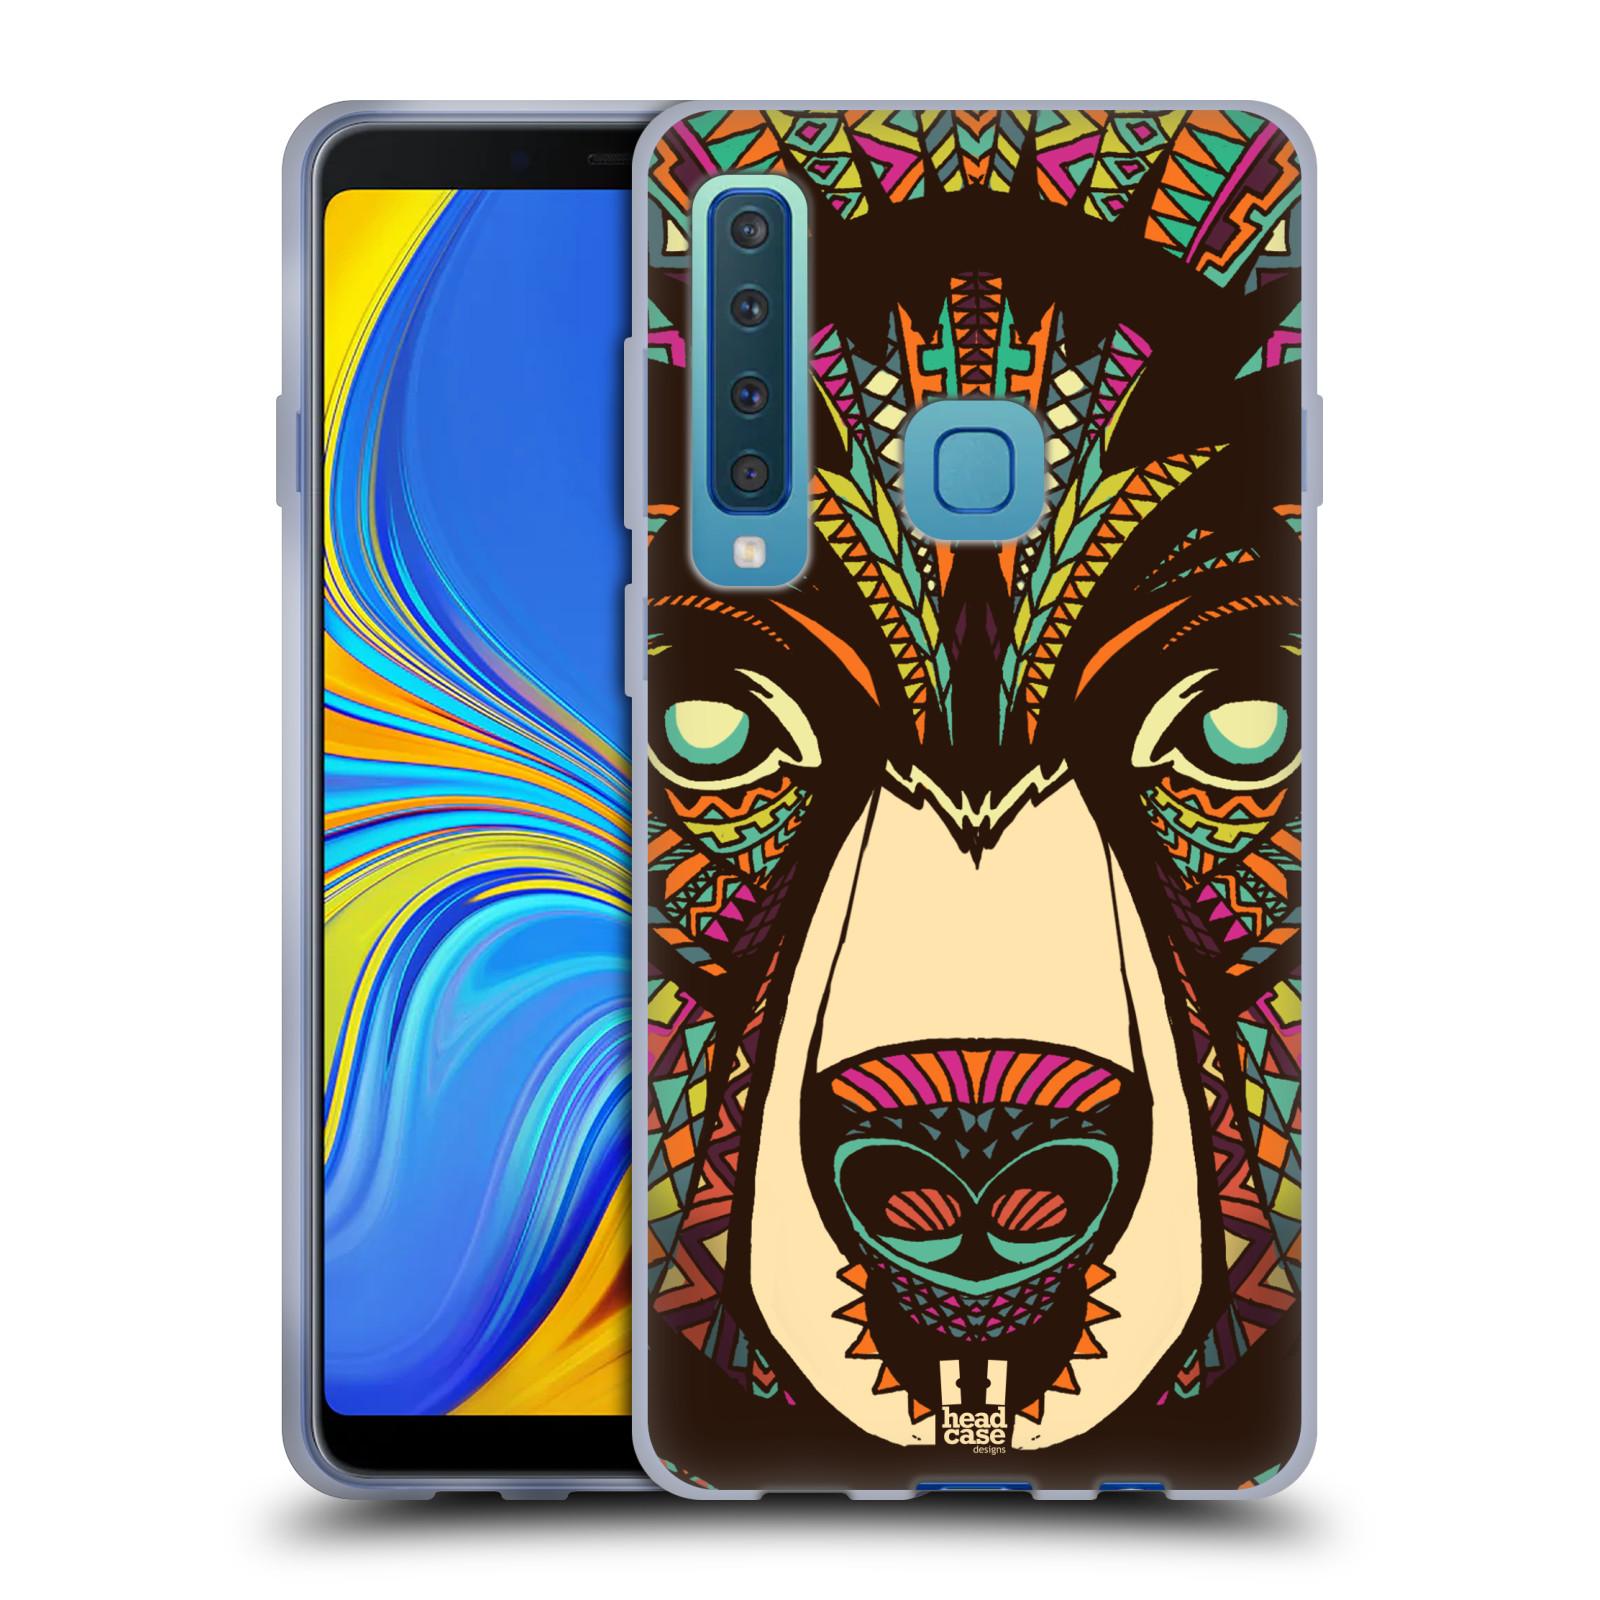 Silikonové pouzdro na mobil Samsung Galaxy A9 (2018) - Head Case - AZTEC MEDVĚD